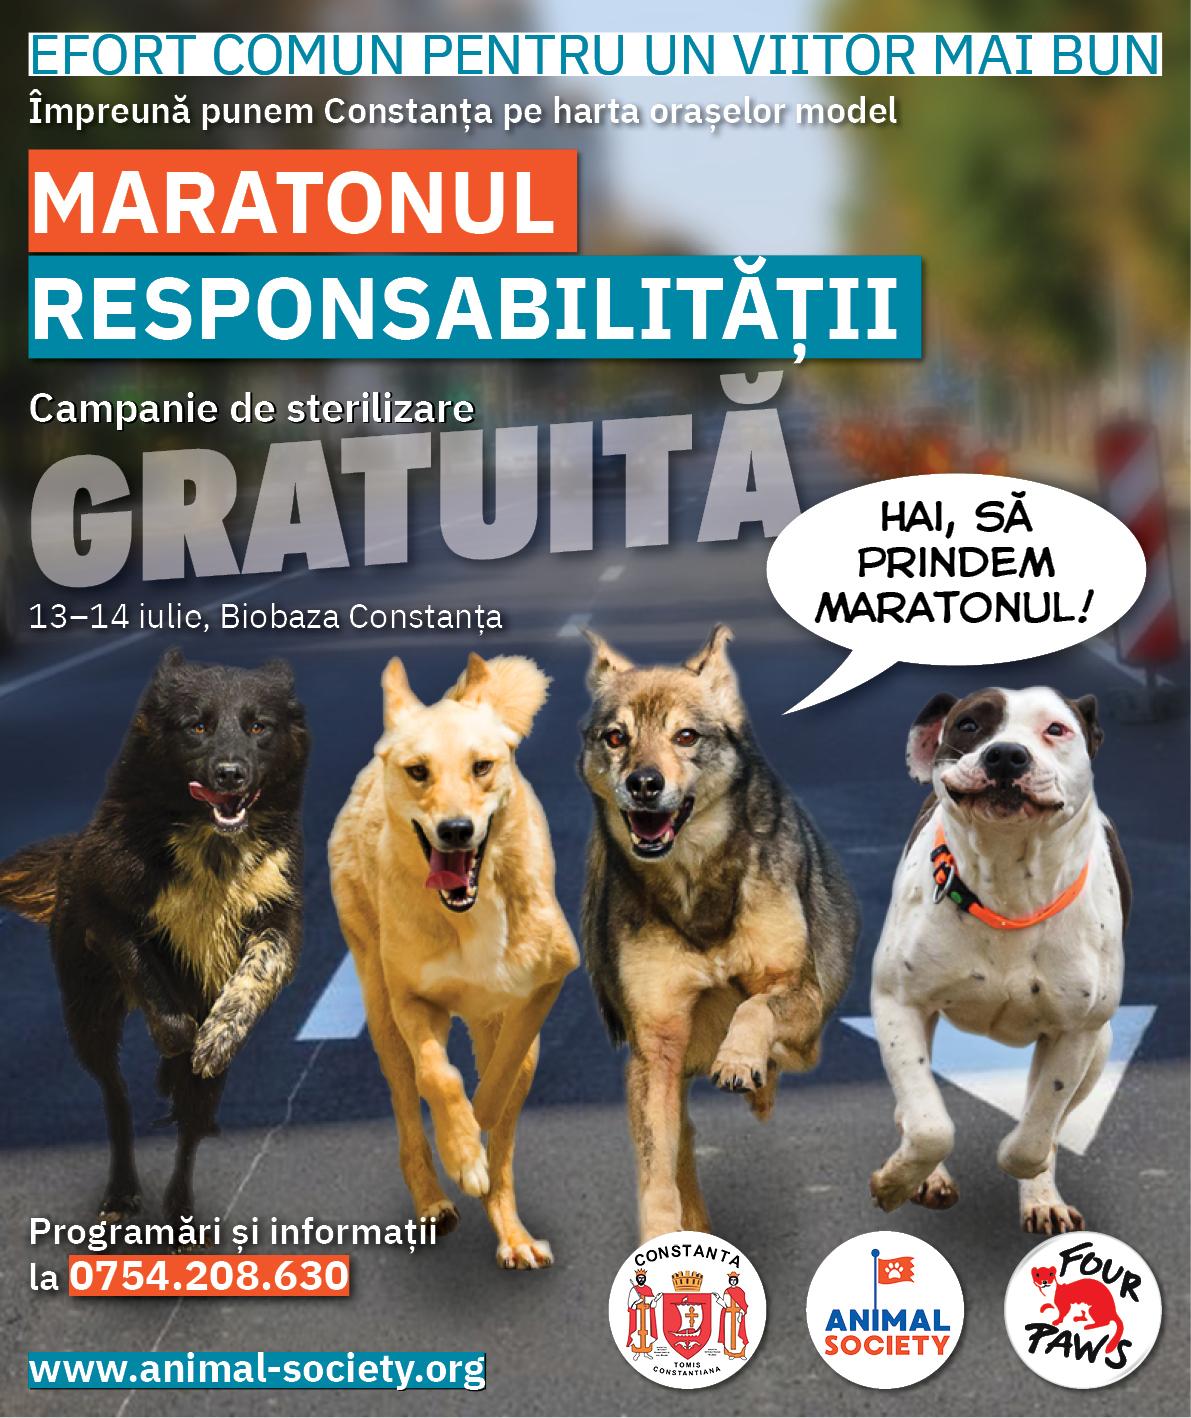 Animal Society și Primăria Municipiului Constanța lansează Maratonul Responsabilității. Vino pe 13 și 14 iulie cu animalul tău de companie la sterilizat și pune Constanța pe harta orașelor model!